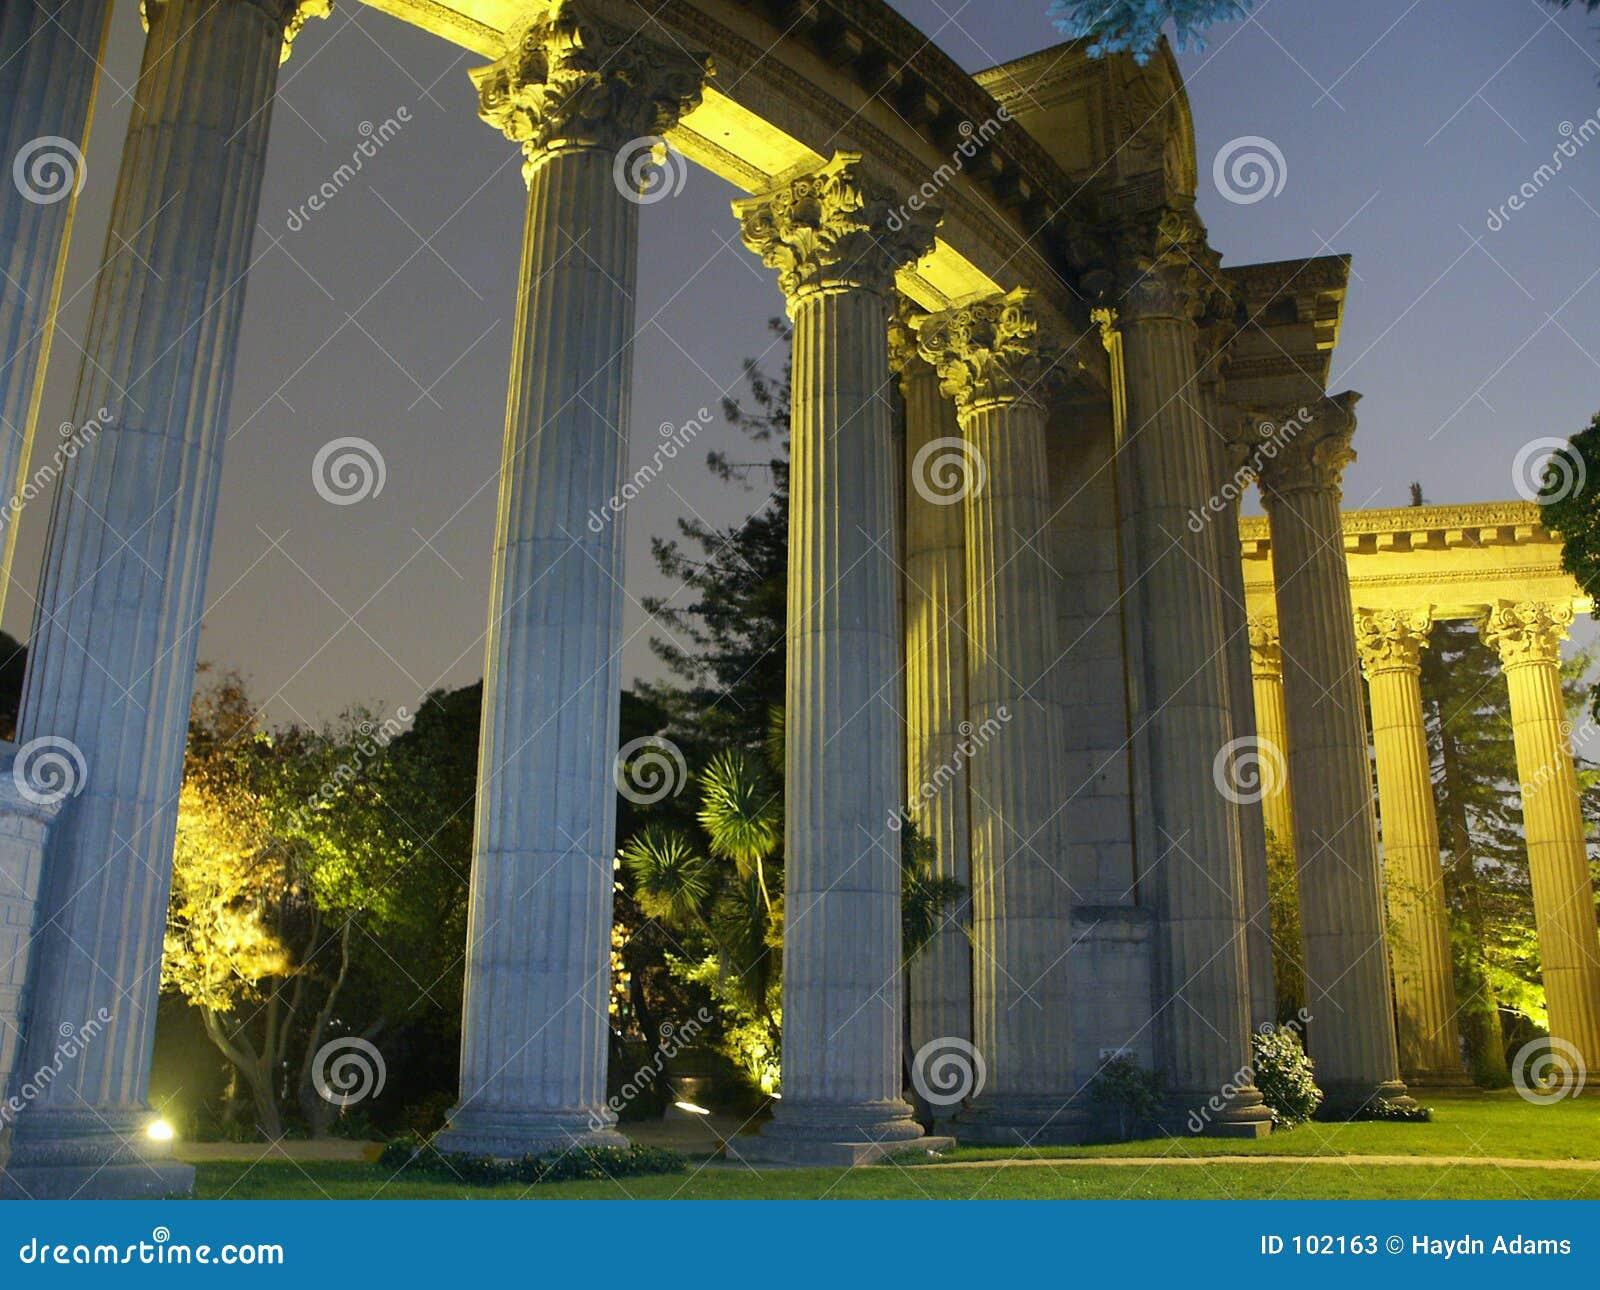 Palast von schönen Künsten nachts